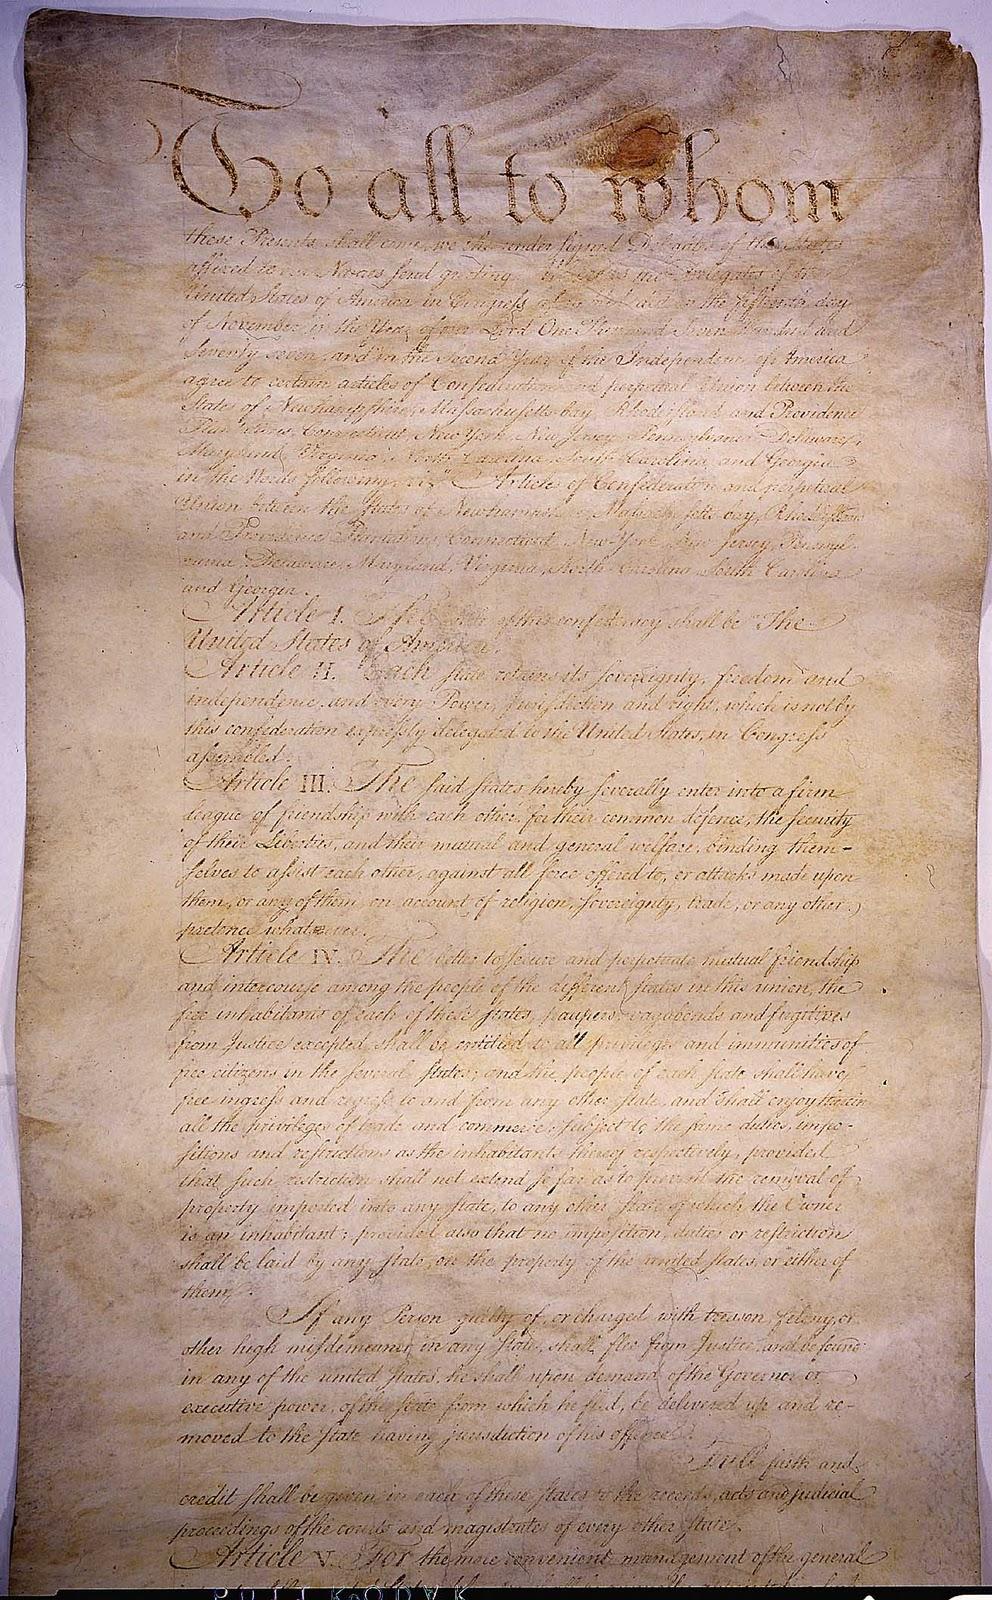 us articles of confederation 1777